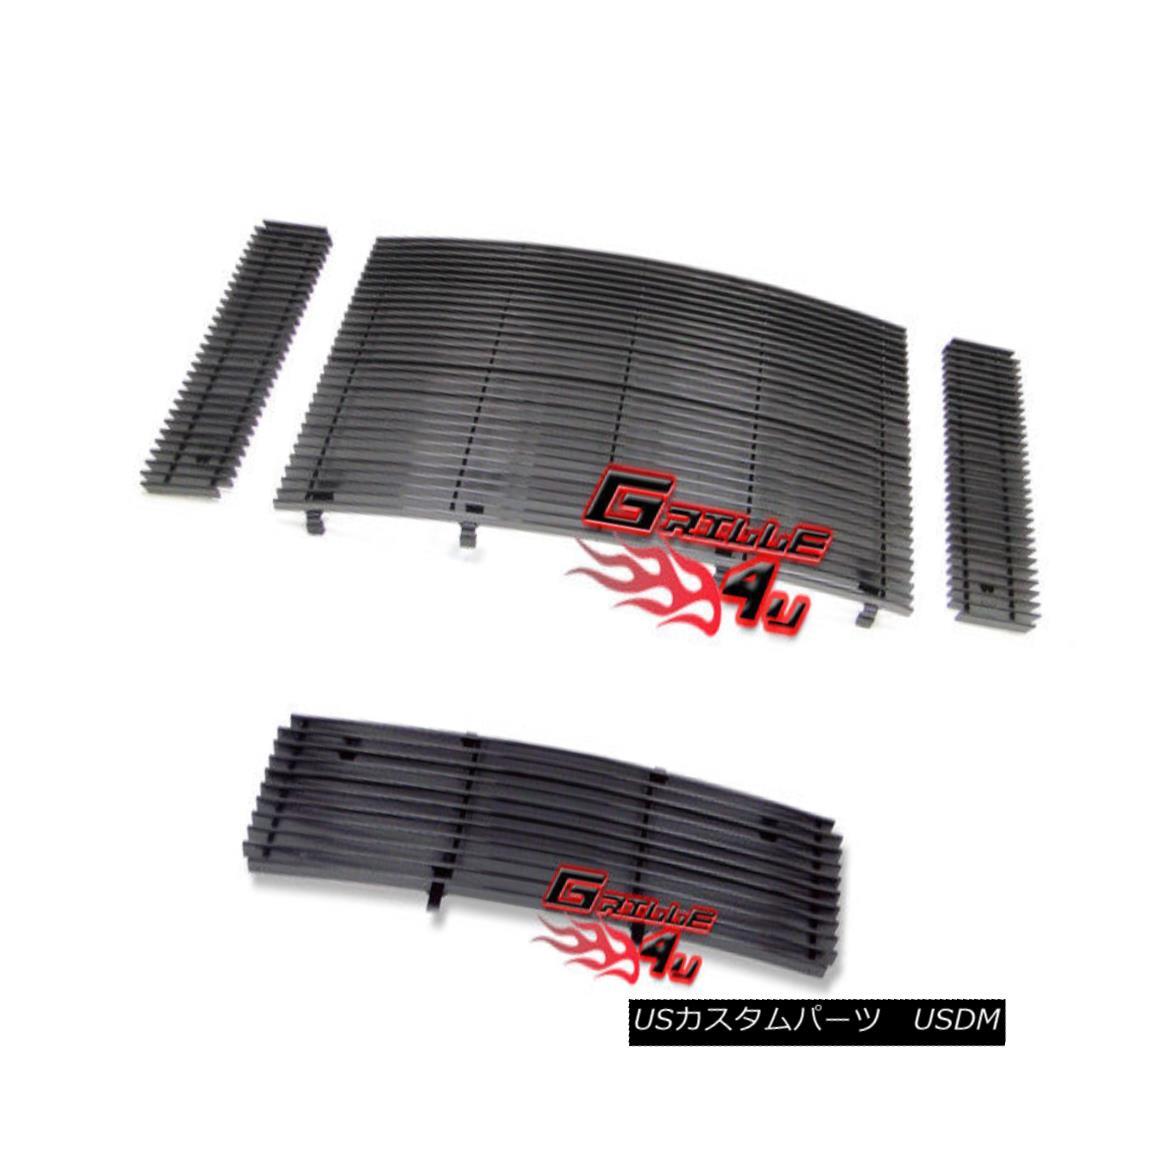 グリル For 08-10 Ford F250/F350 SD Black Billet Premium Grille Combo 08-10フォードF250 / F350 SDブラックビレットプレミアムグリルコンボ用